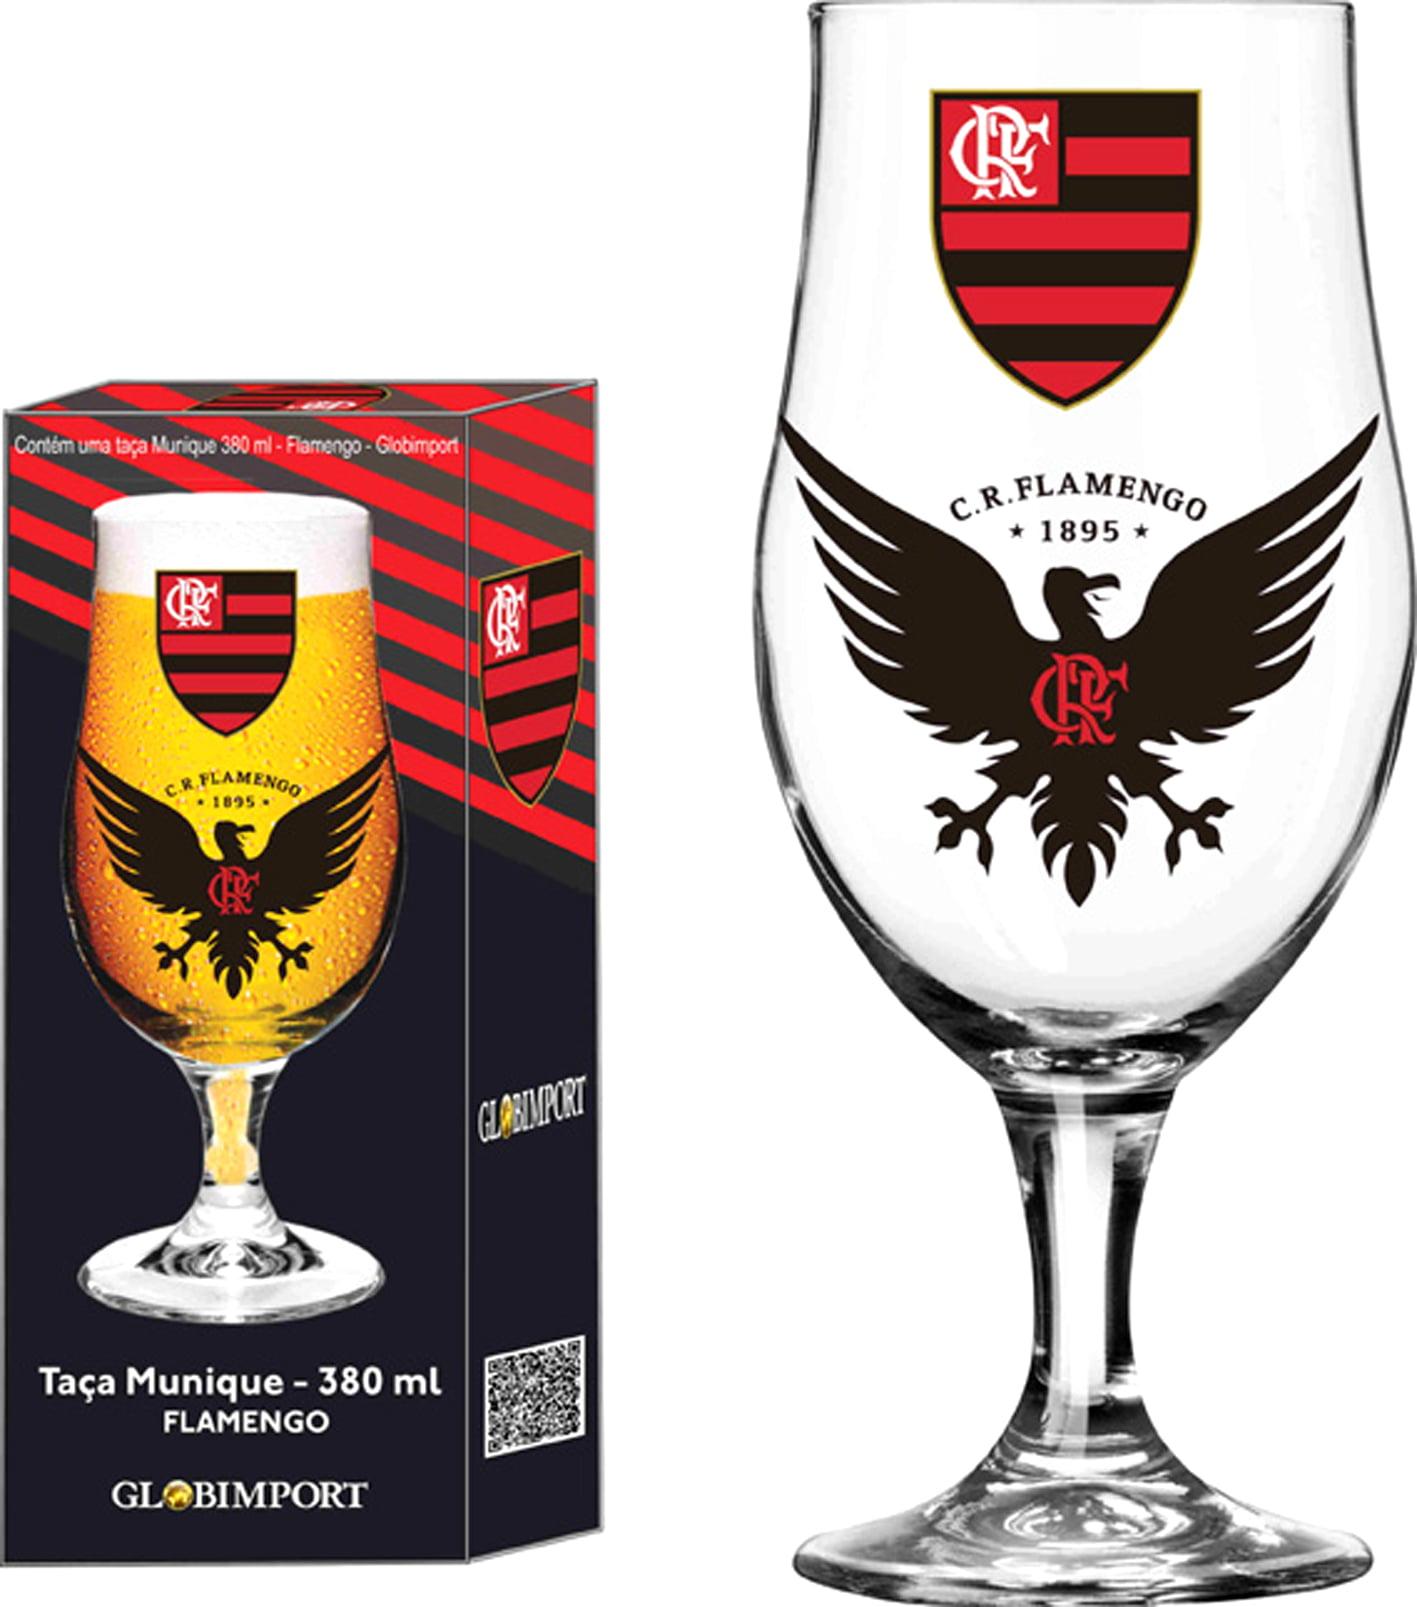 Taça Munique 380ml Flamengo Ururbu